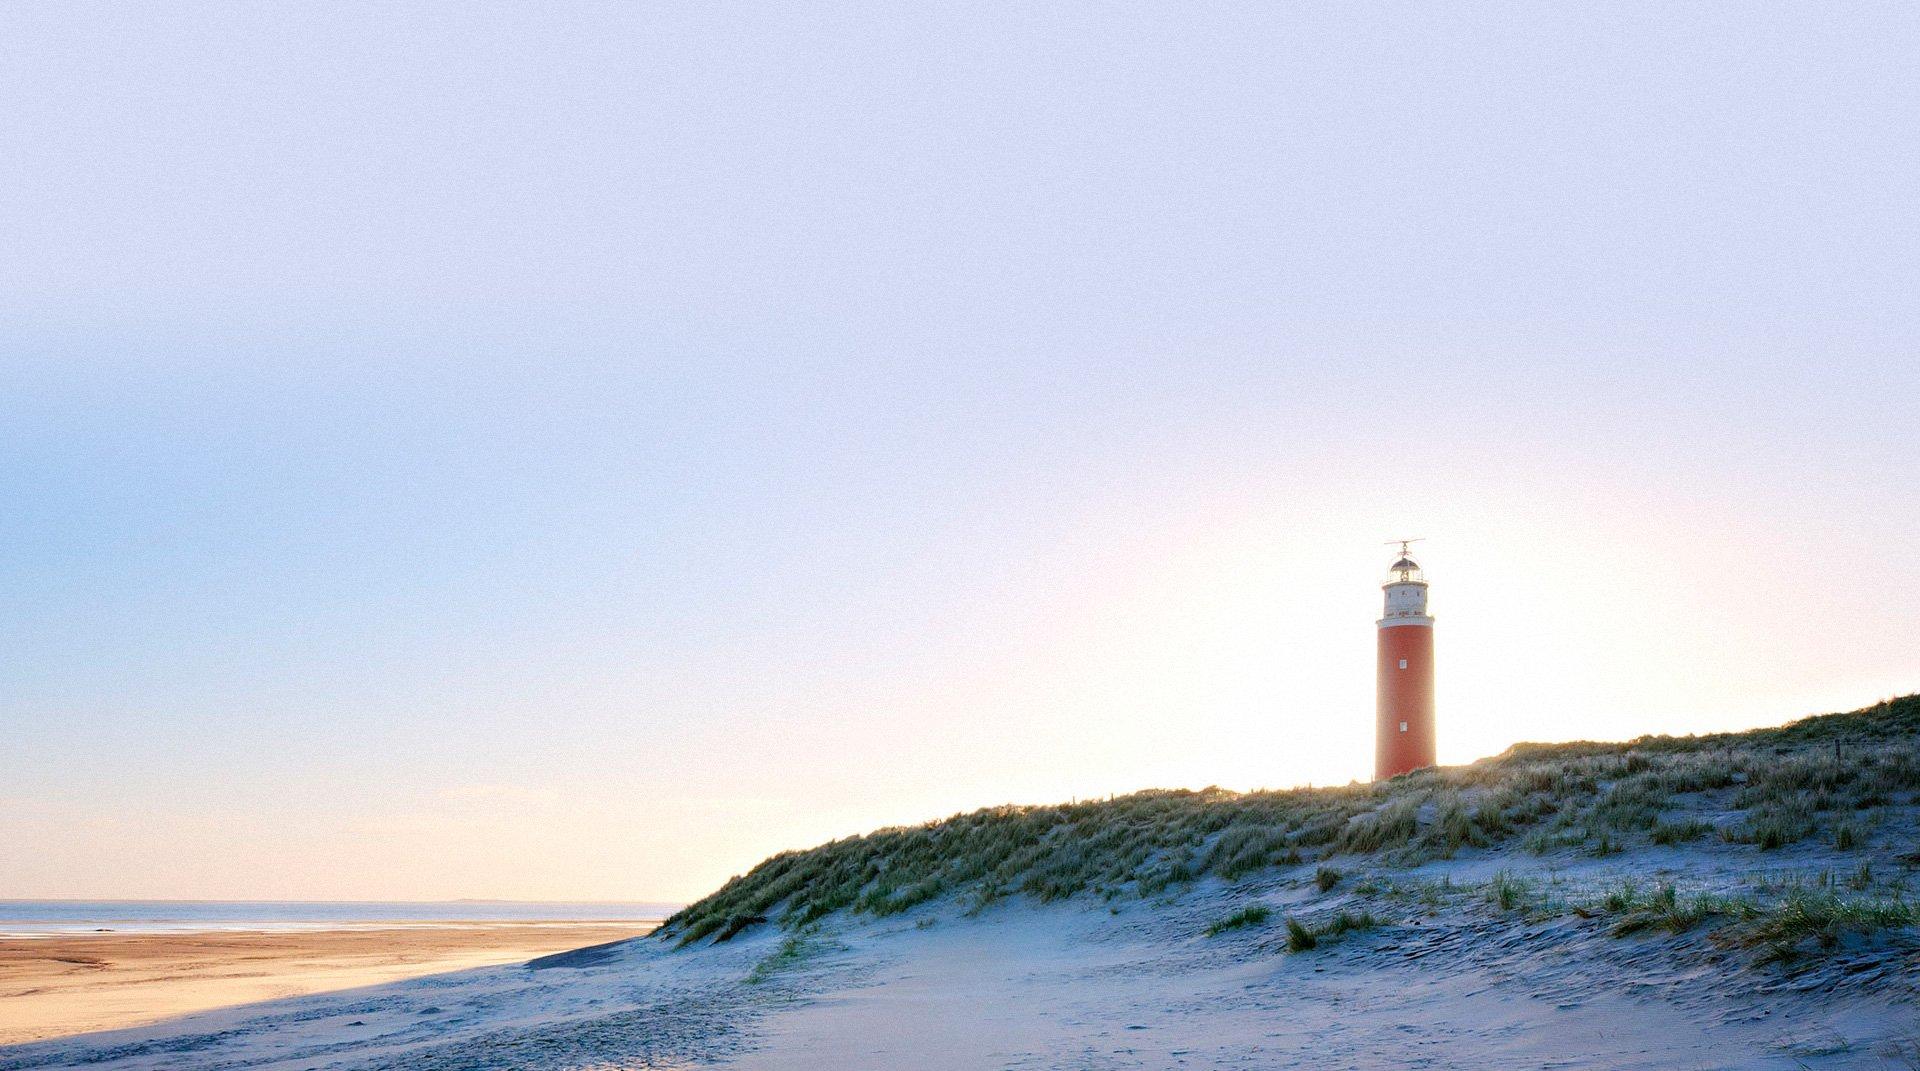 Wat kunt u doen tijdens uw weekendje weg op Texel?